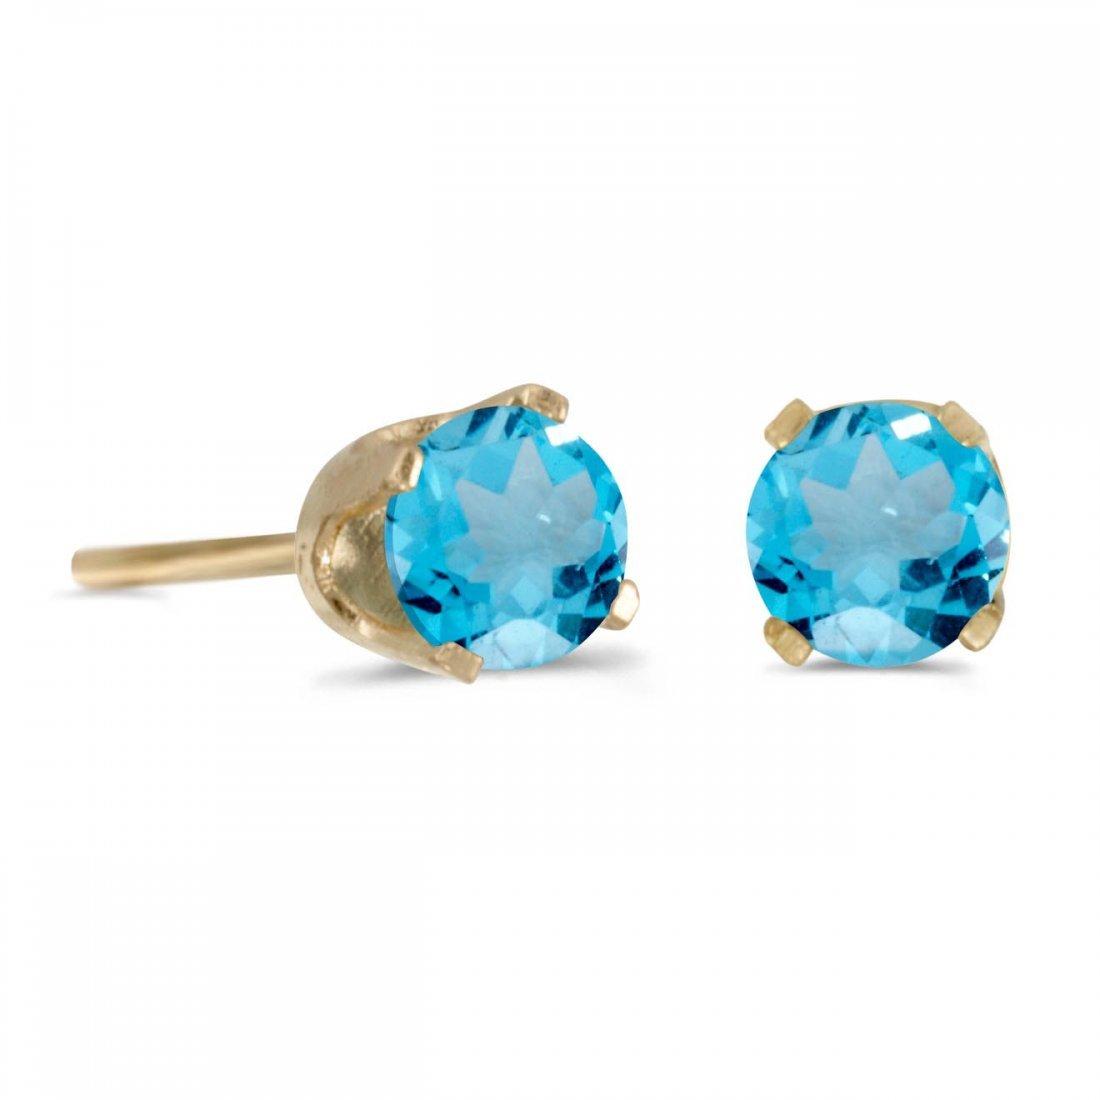 Certified 4 mm Round Blue Topaz Stud Earrings in 14k Ye